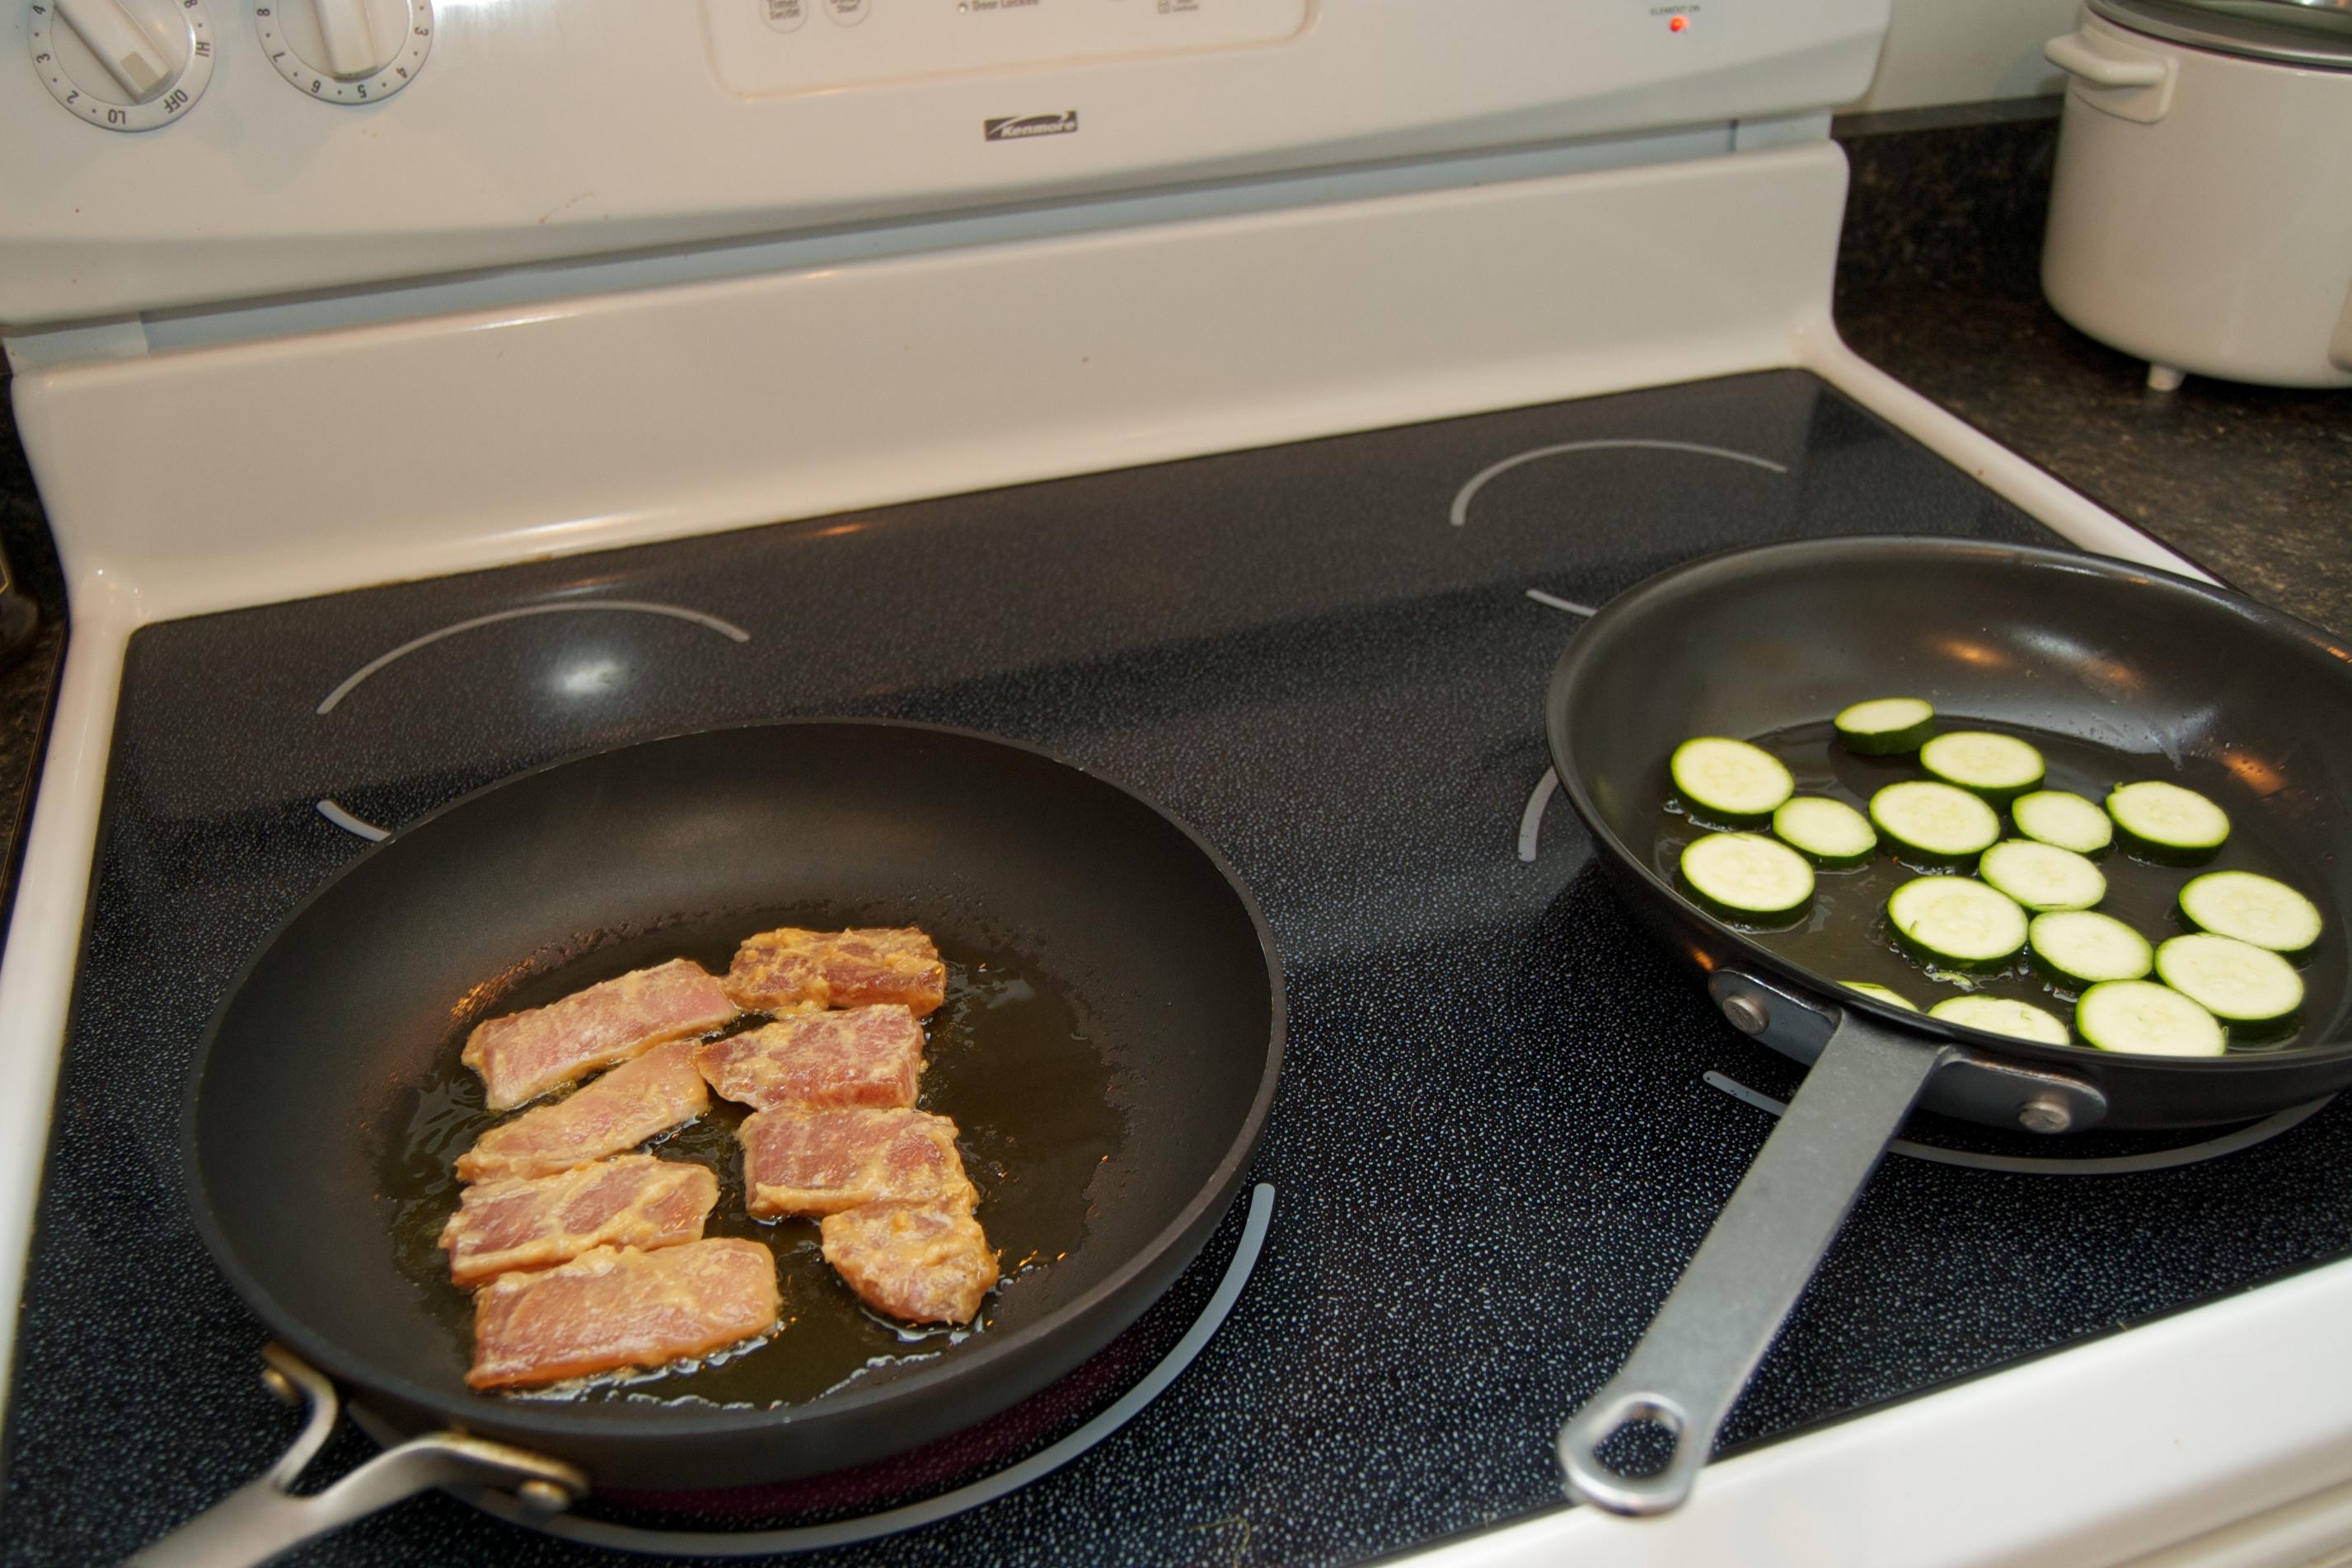 http://blog.rickk.com/food/2010/10/01/misopork2.jpg